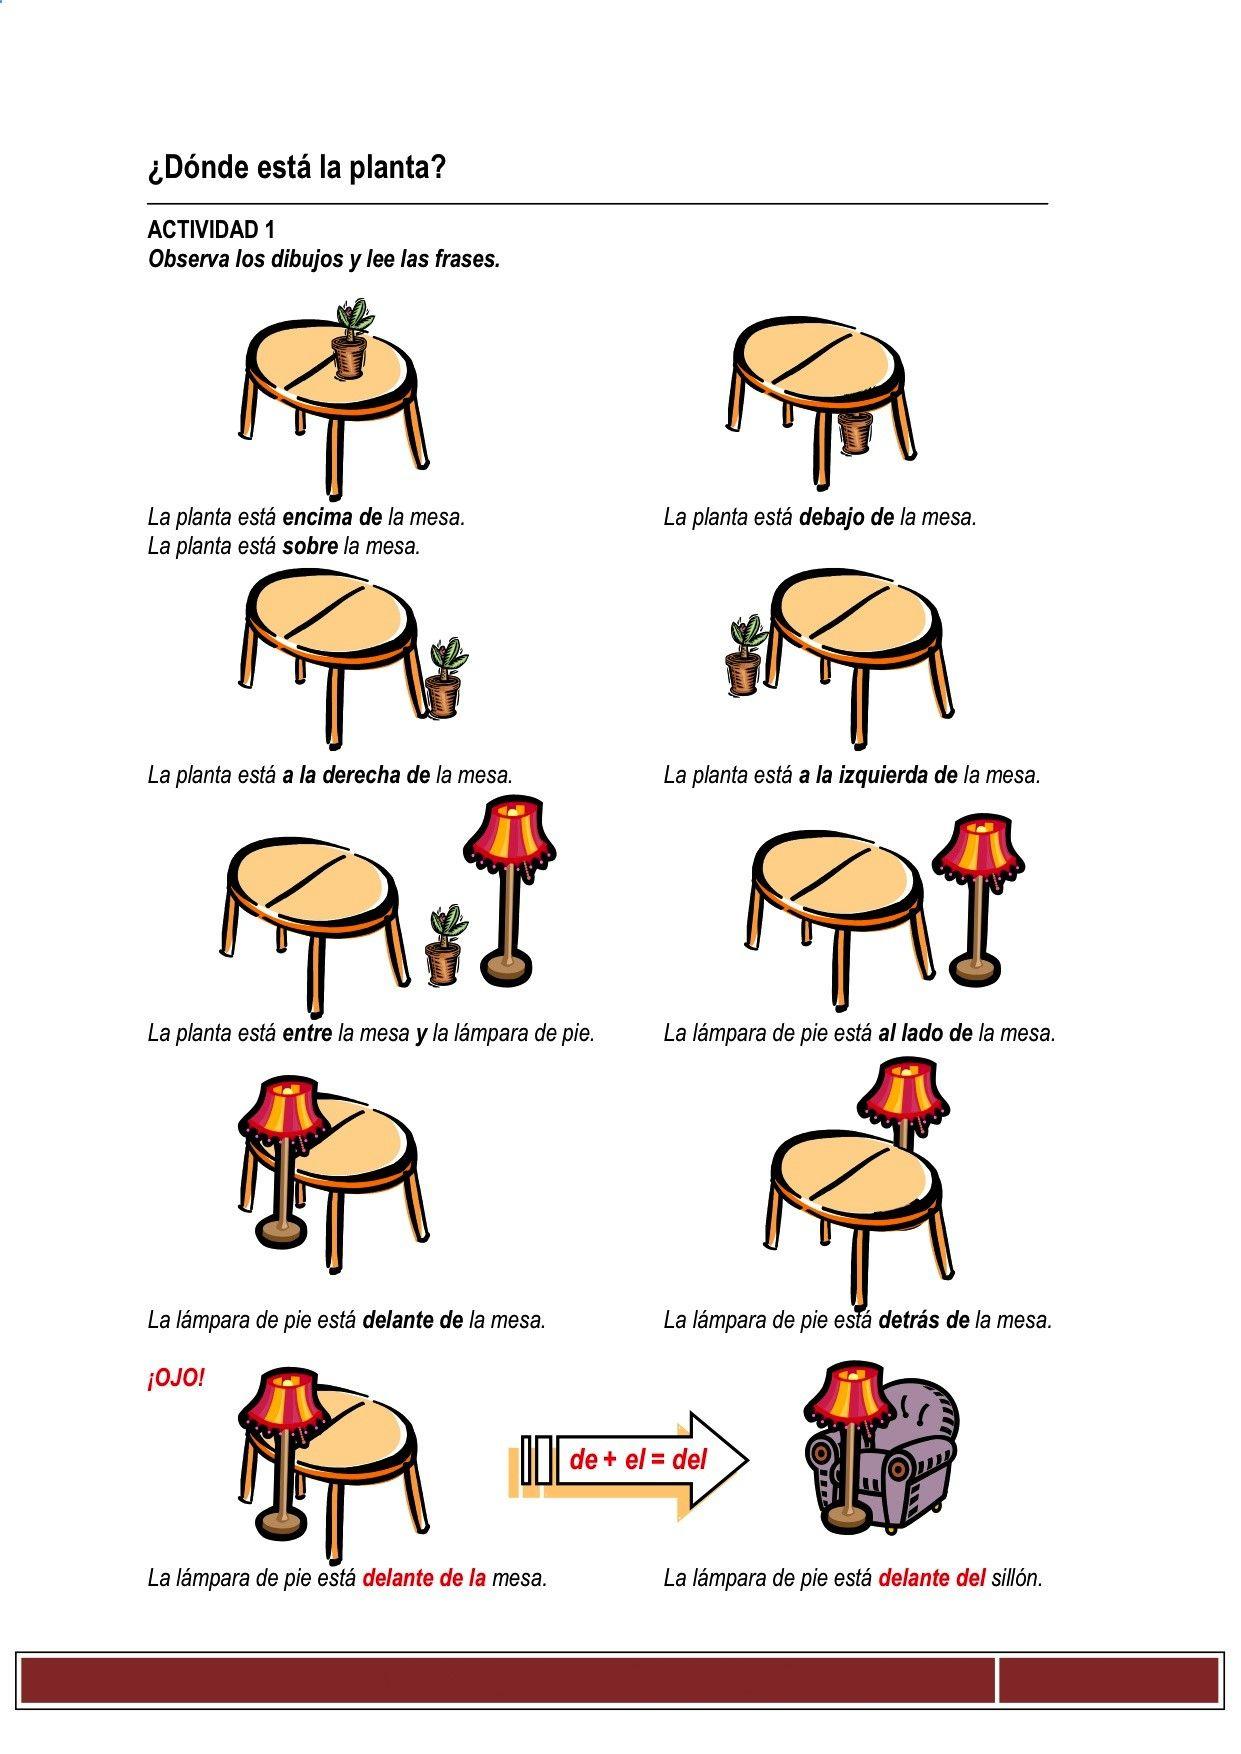 Spanish Adverbs Of Location Adverbios De Lugar En Espanol